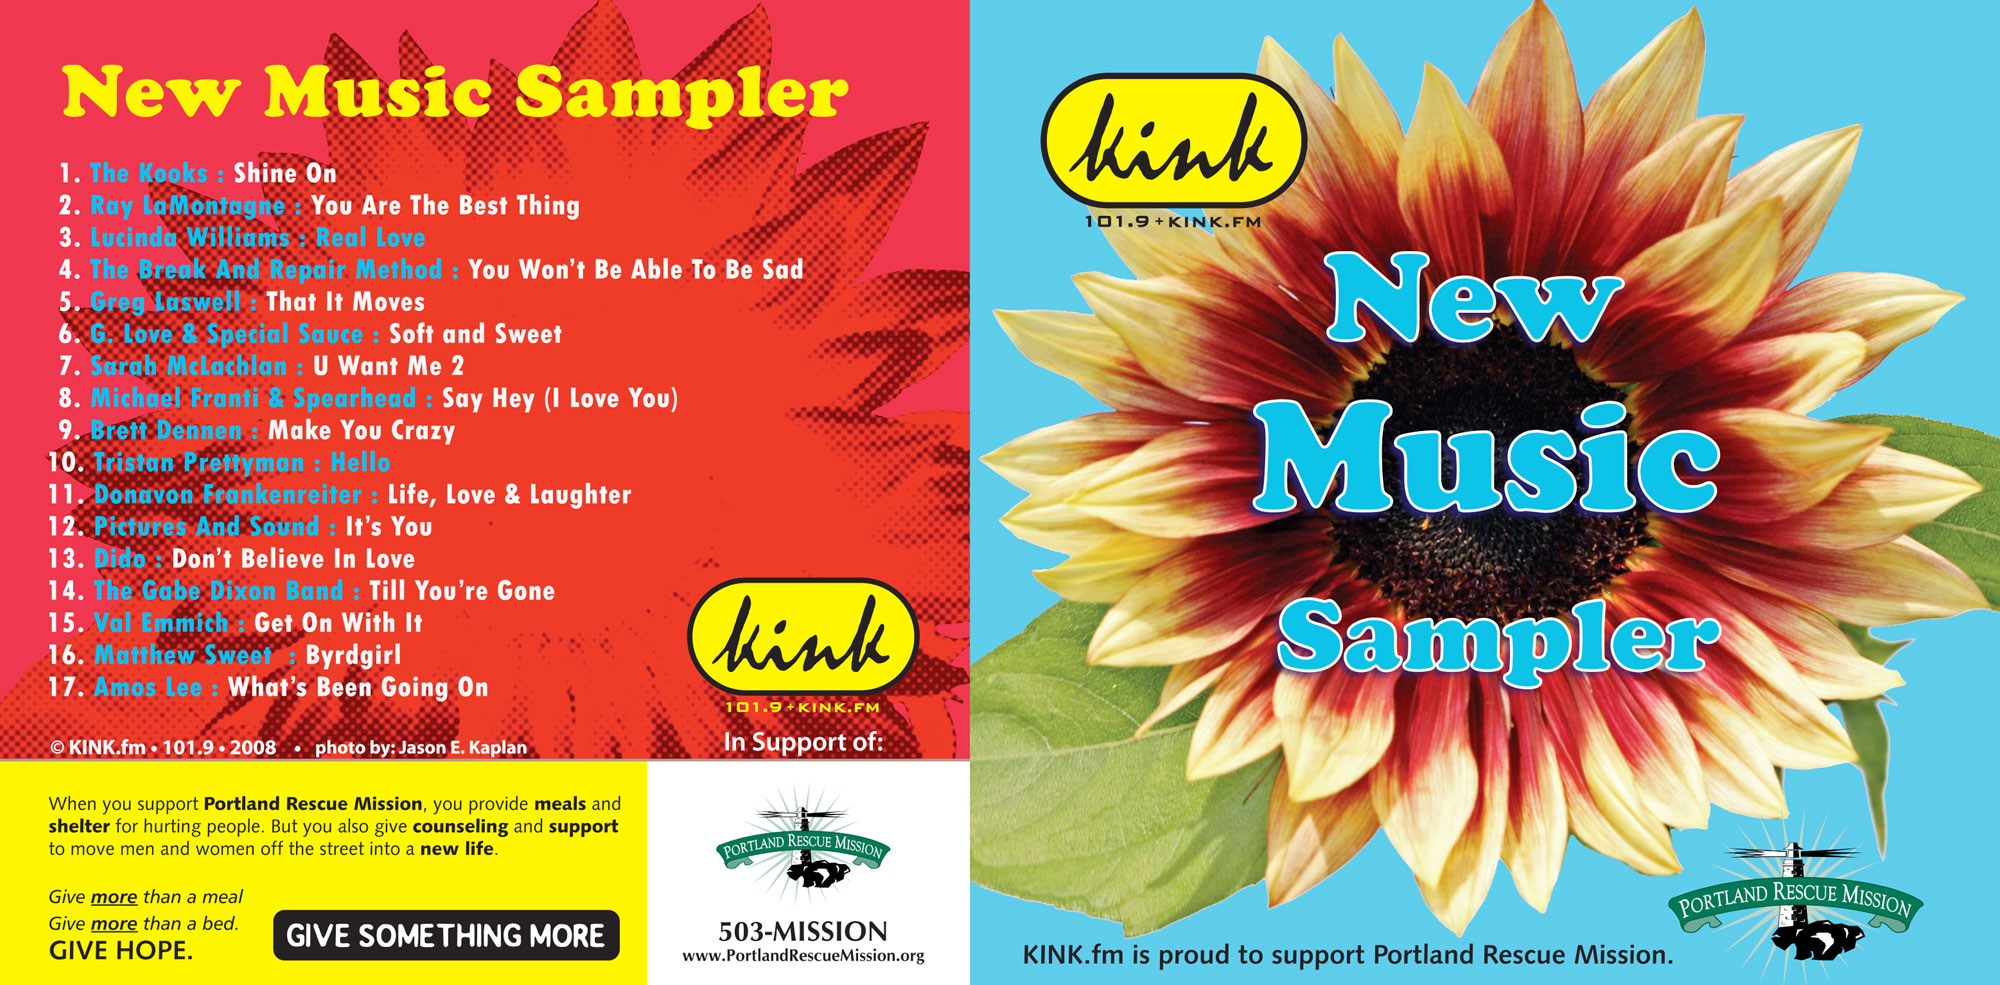 kink.fm new music sampler sponsored by portland rescue mission